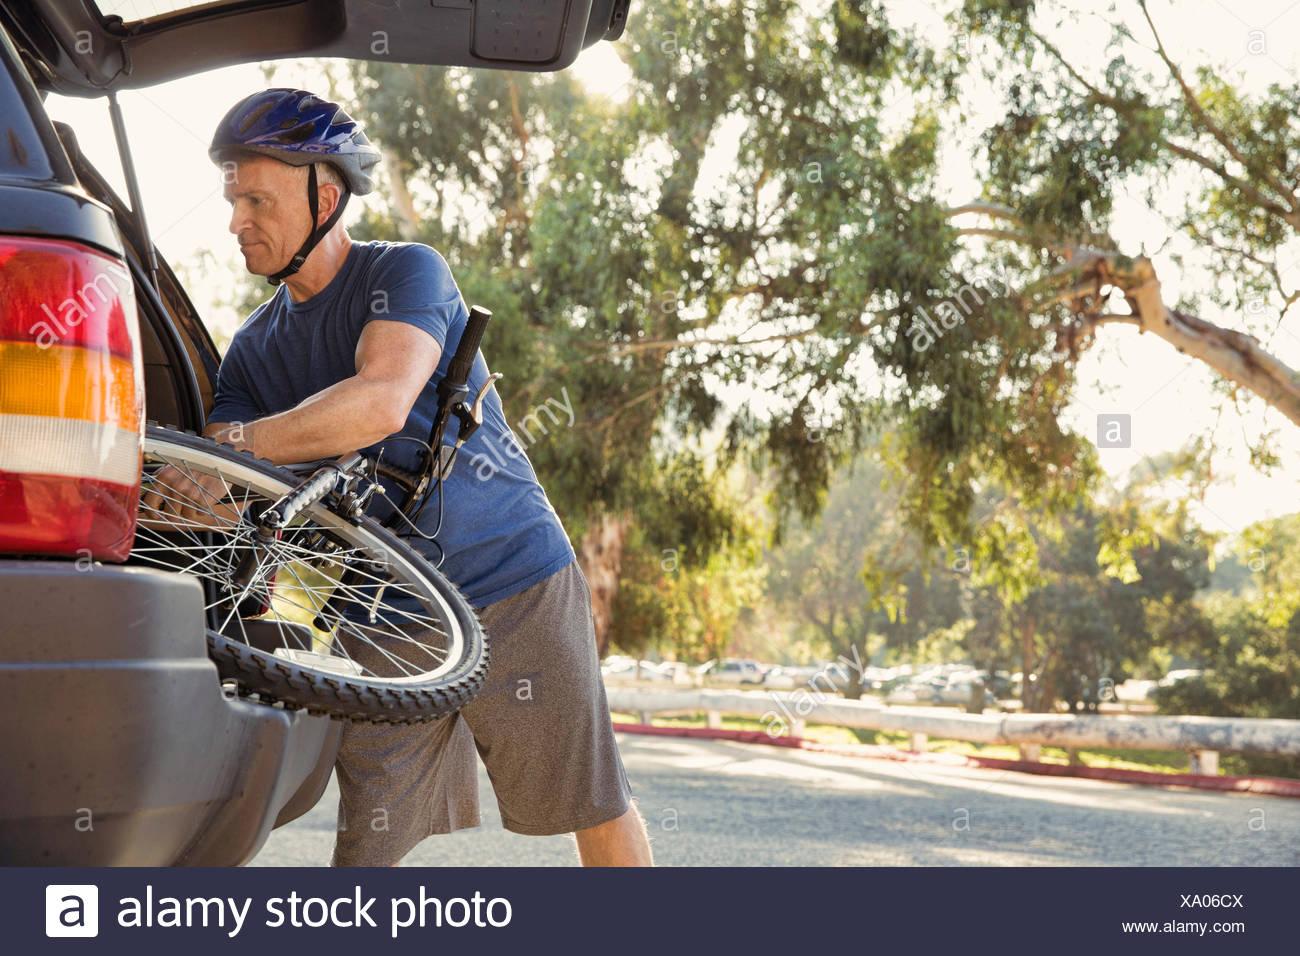 Homme mûr retrait location de voiture boot dans park Photo Stock